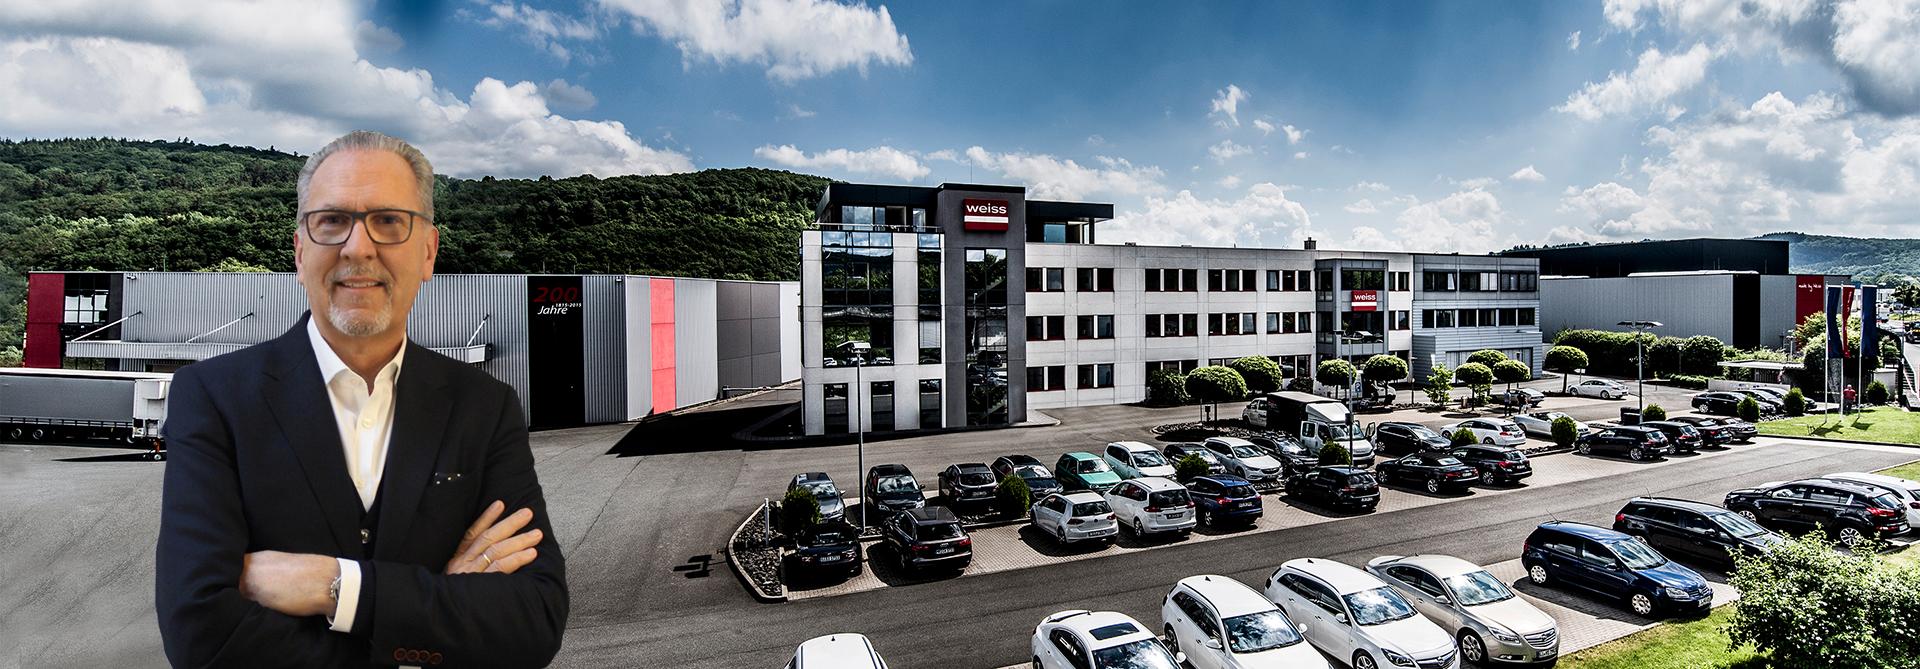 Geschäftsführer Jürgen Grimm vor Firmengelände von Weiss Chemie + Technik in Haiger